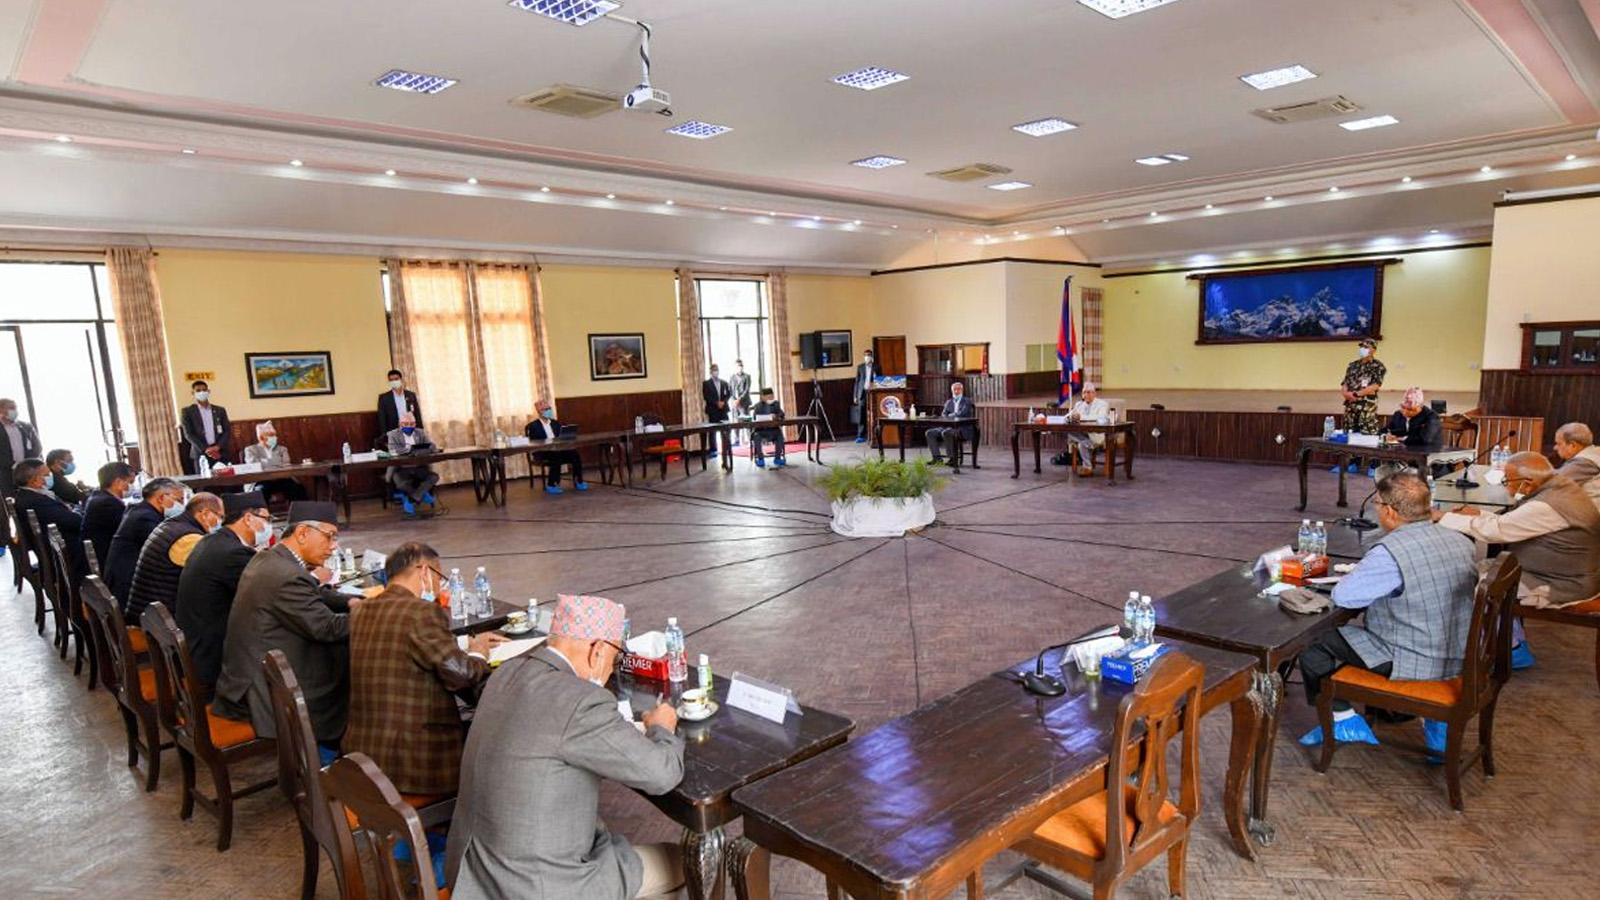 प्रधानमन्त्रीको आक्रोसः एमसीसीलाई सभामुखले संसदमा अड्काए